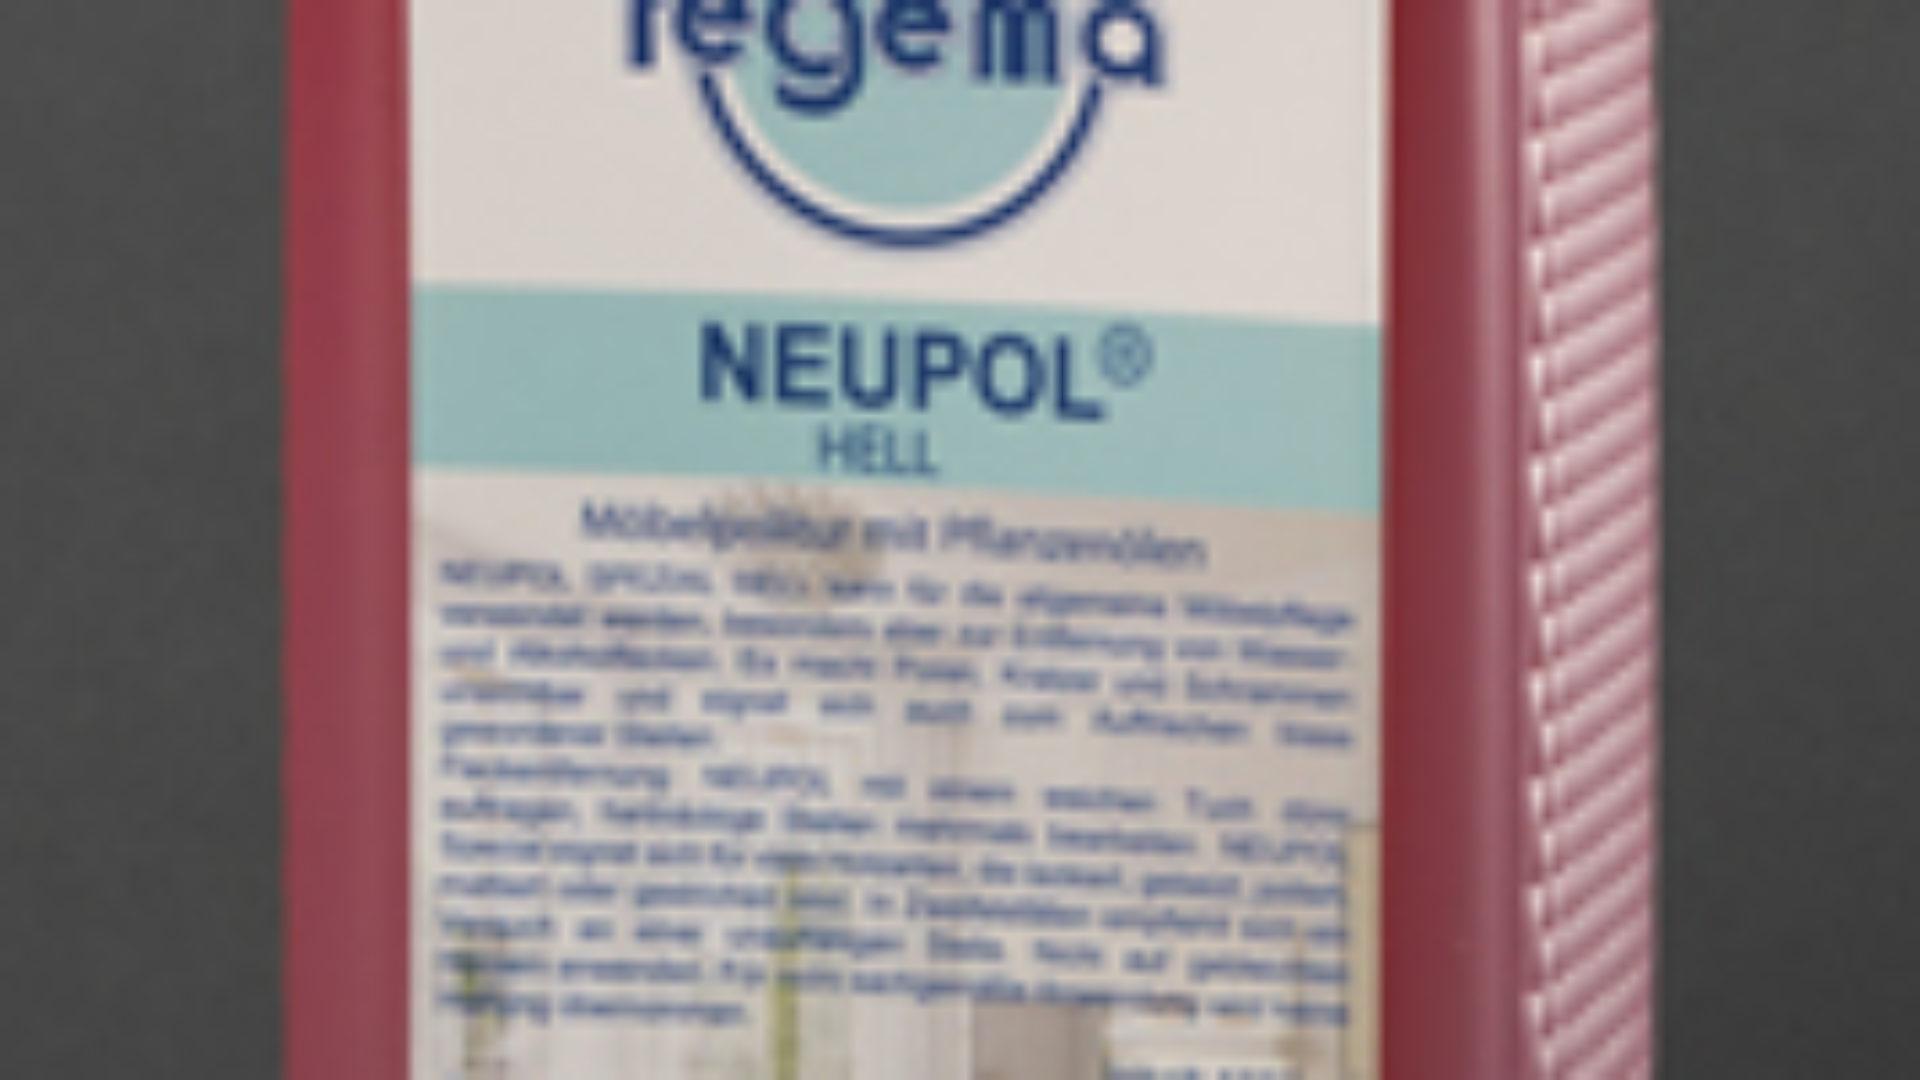 Neupol-hell Tischlerei Gassner Nationalpark Gesäuse Zimmer Gassner Ferienwohnungen